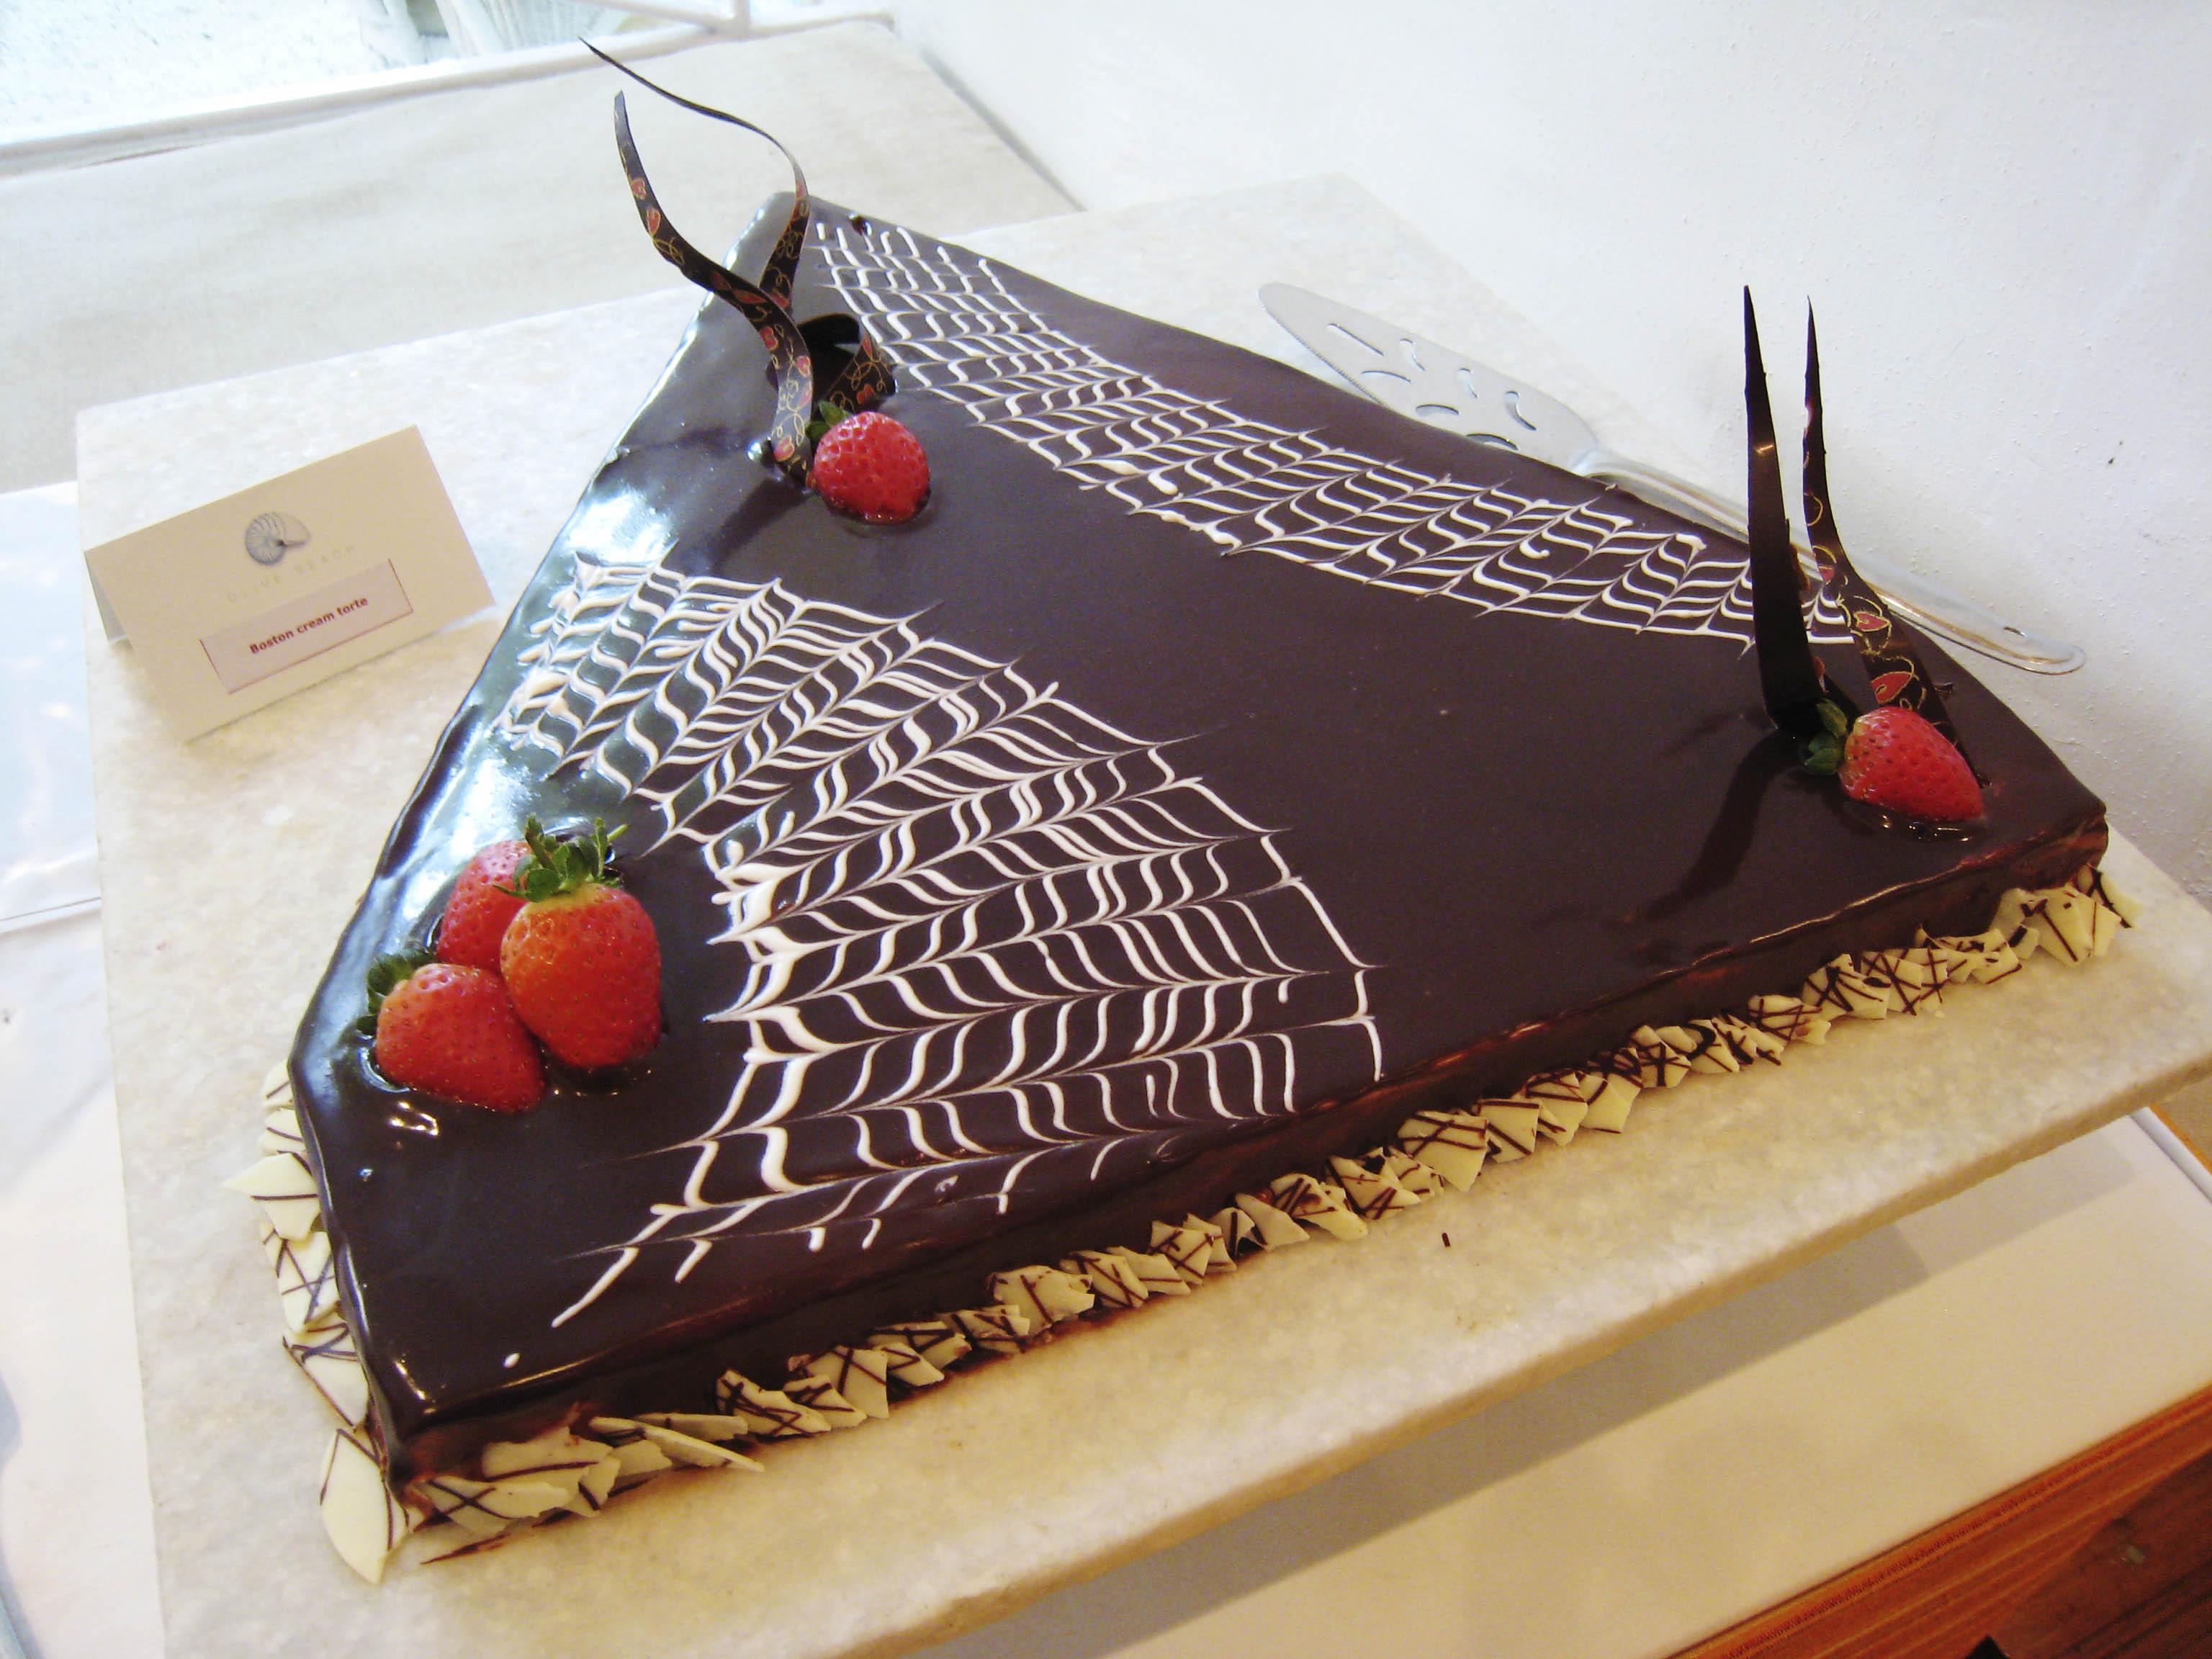 File:Boston Cream Pie With Decorative Design And Strawberries